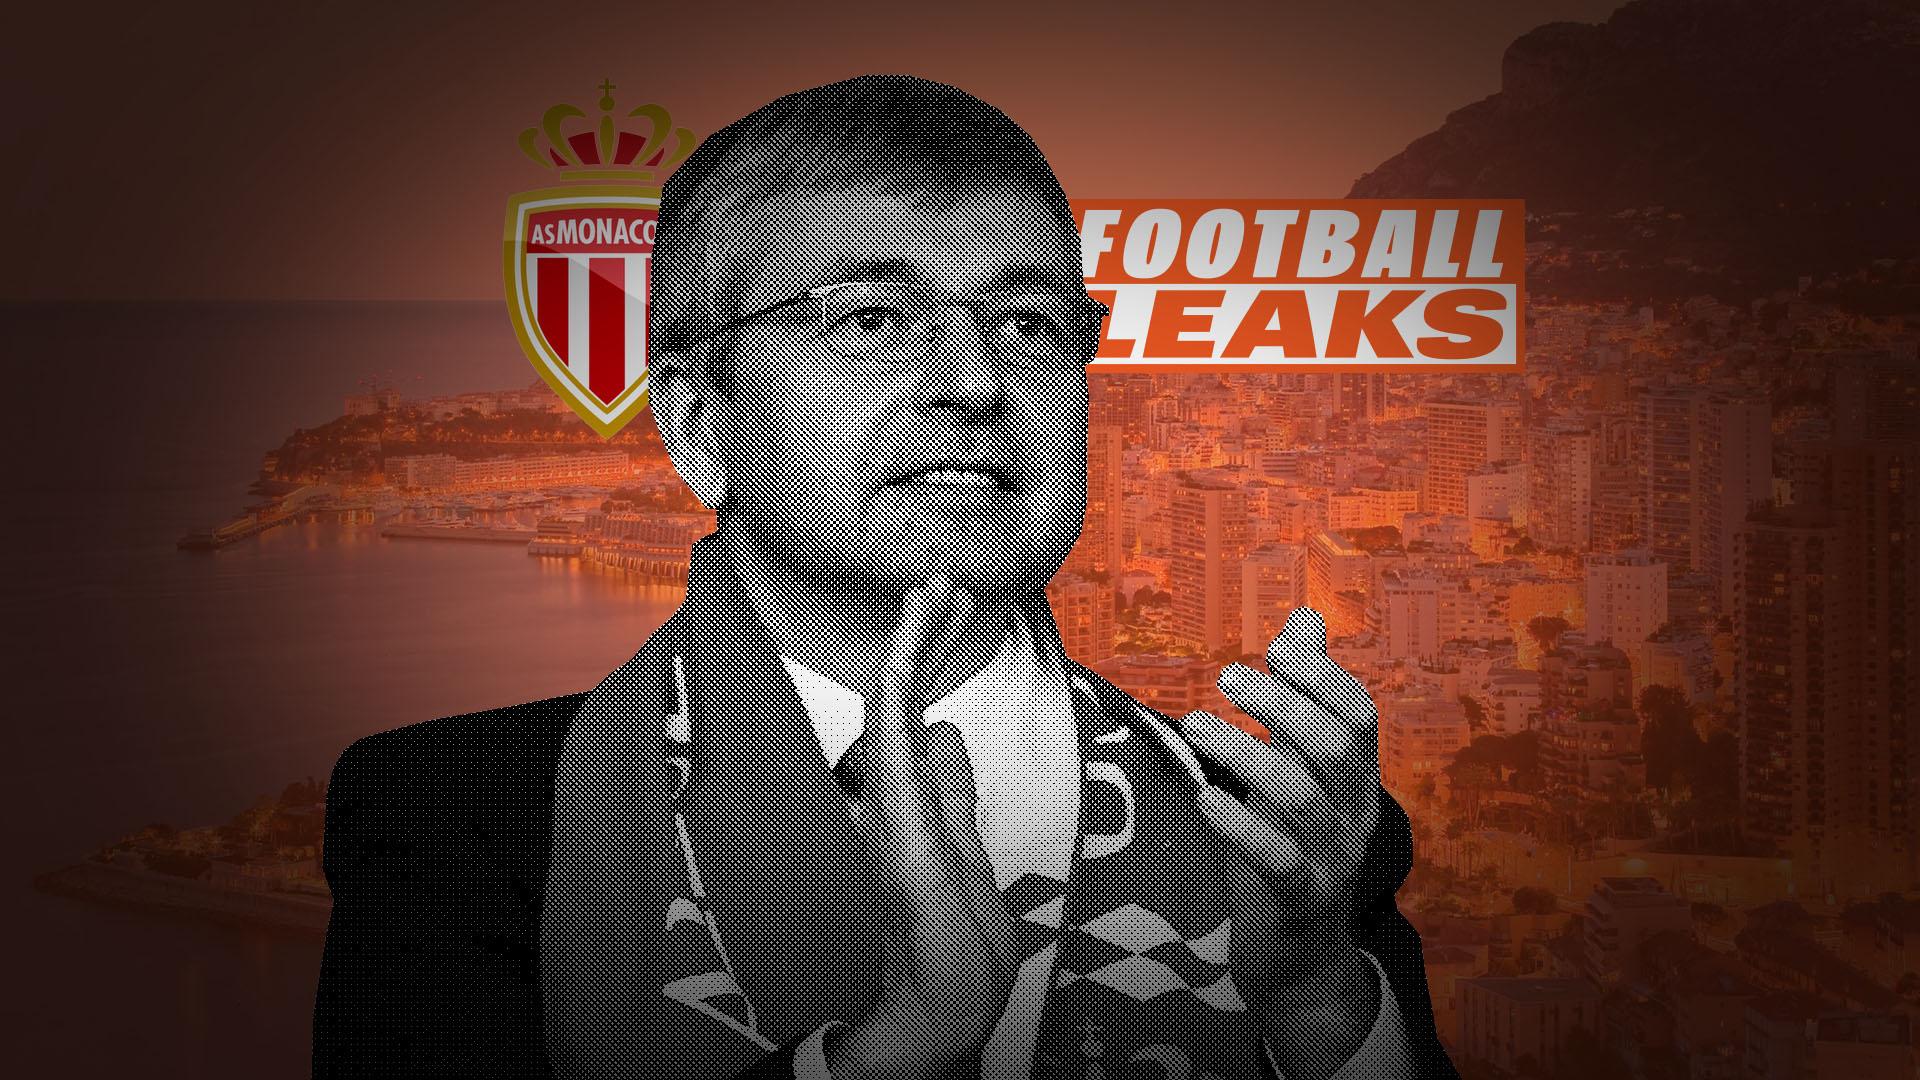 FOOTBALL LEAKS: Kako je ruski milijarder zarobio AS Monaco i cijelu kneževinu (2. dio)